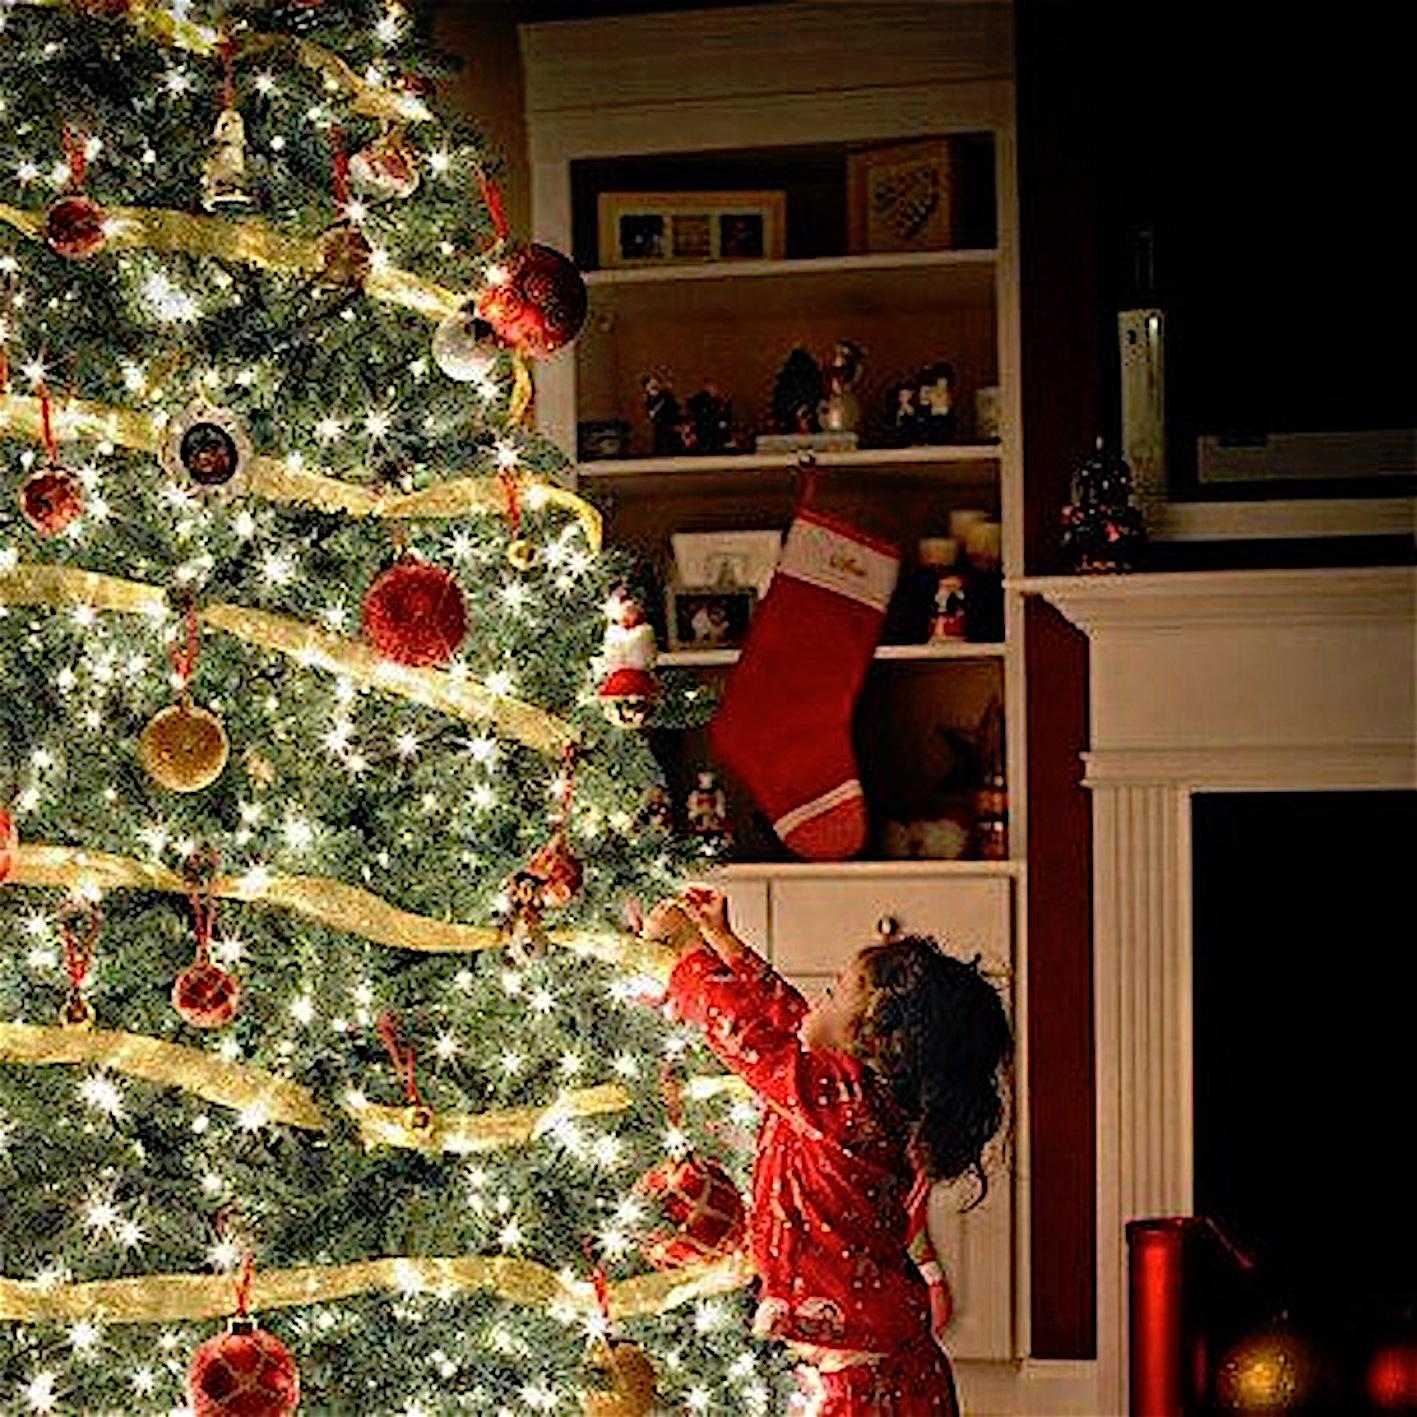 Immagini Di Natale On Tumblr.L Albero Di Natale Non Si Fa Cosi L Esperto Ci Illumina